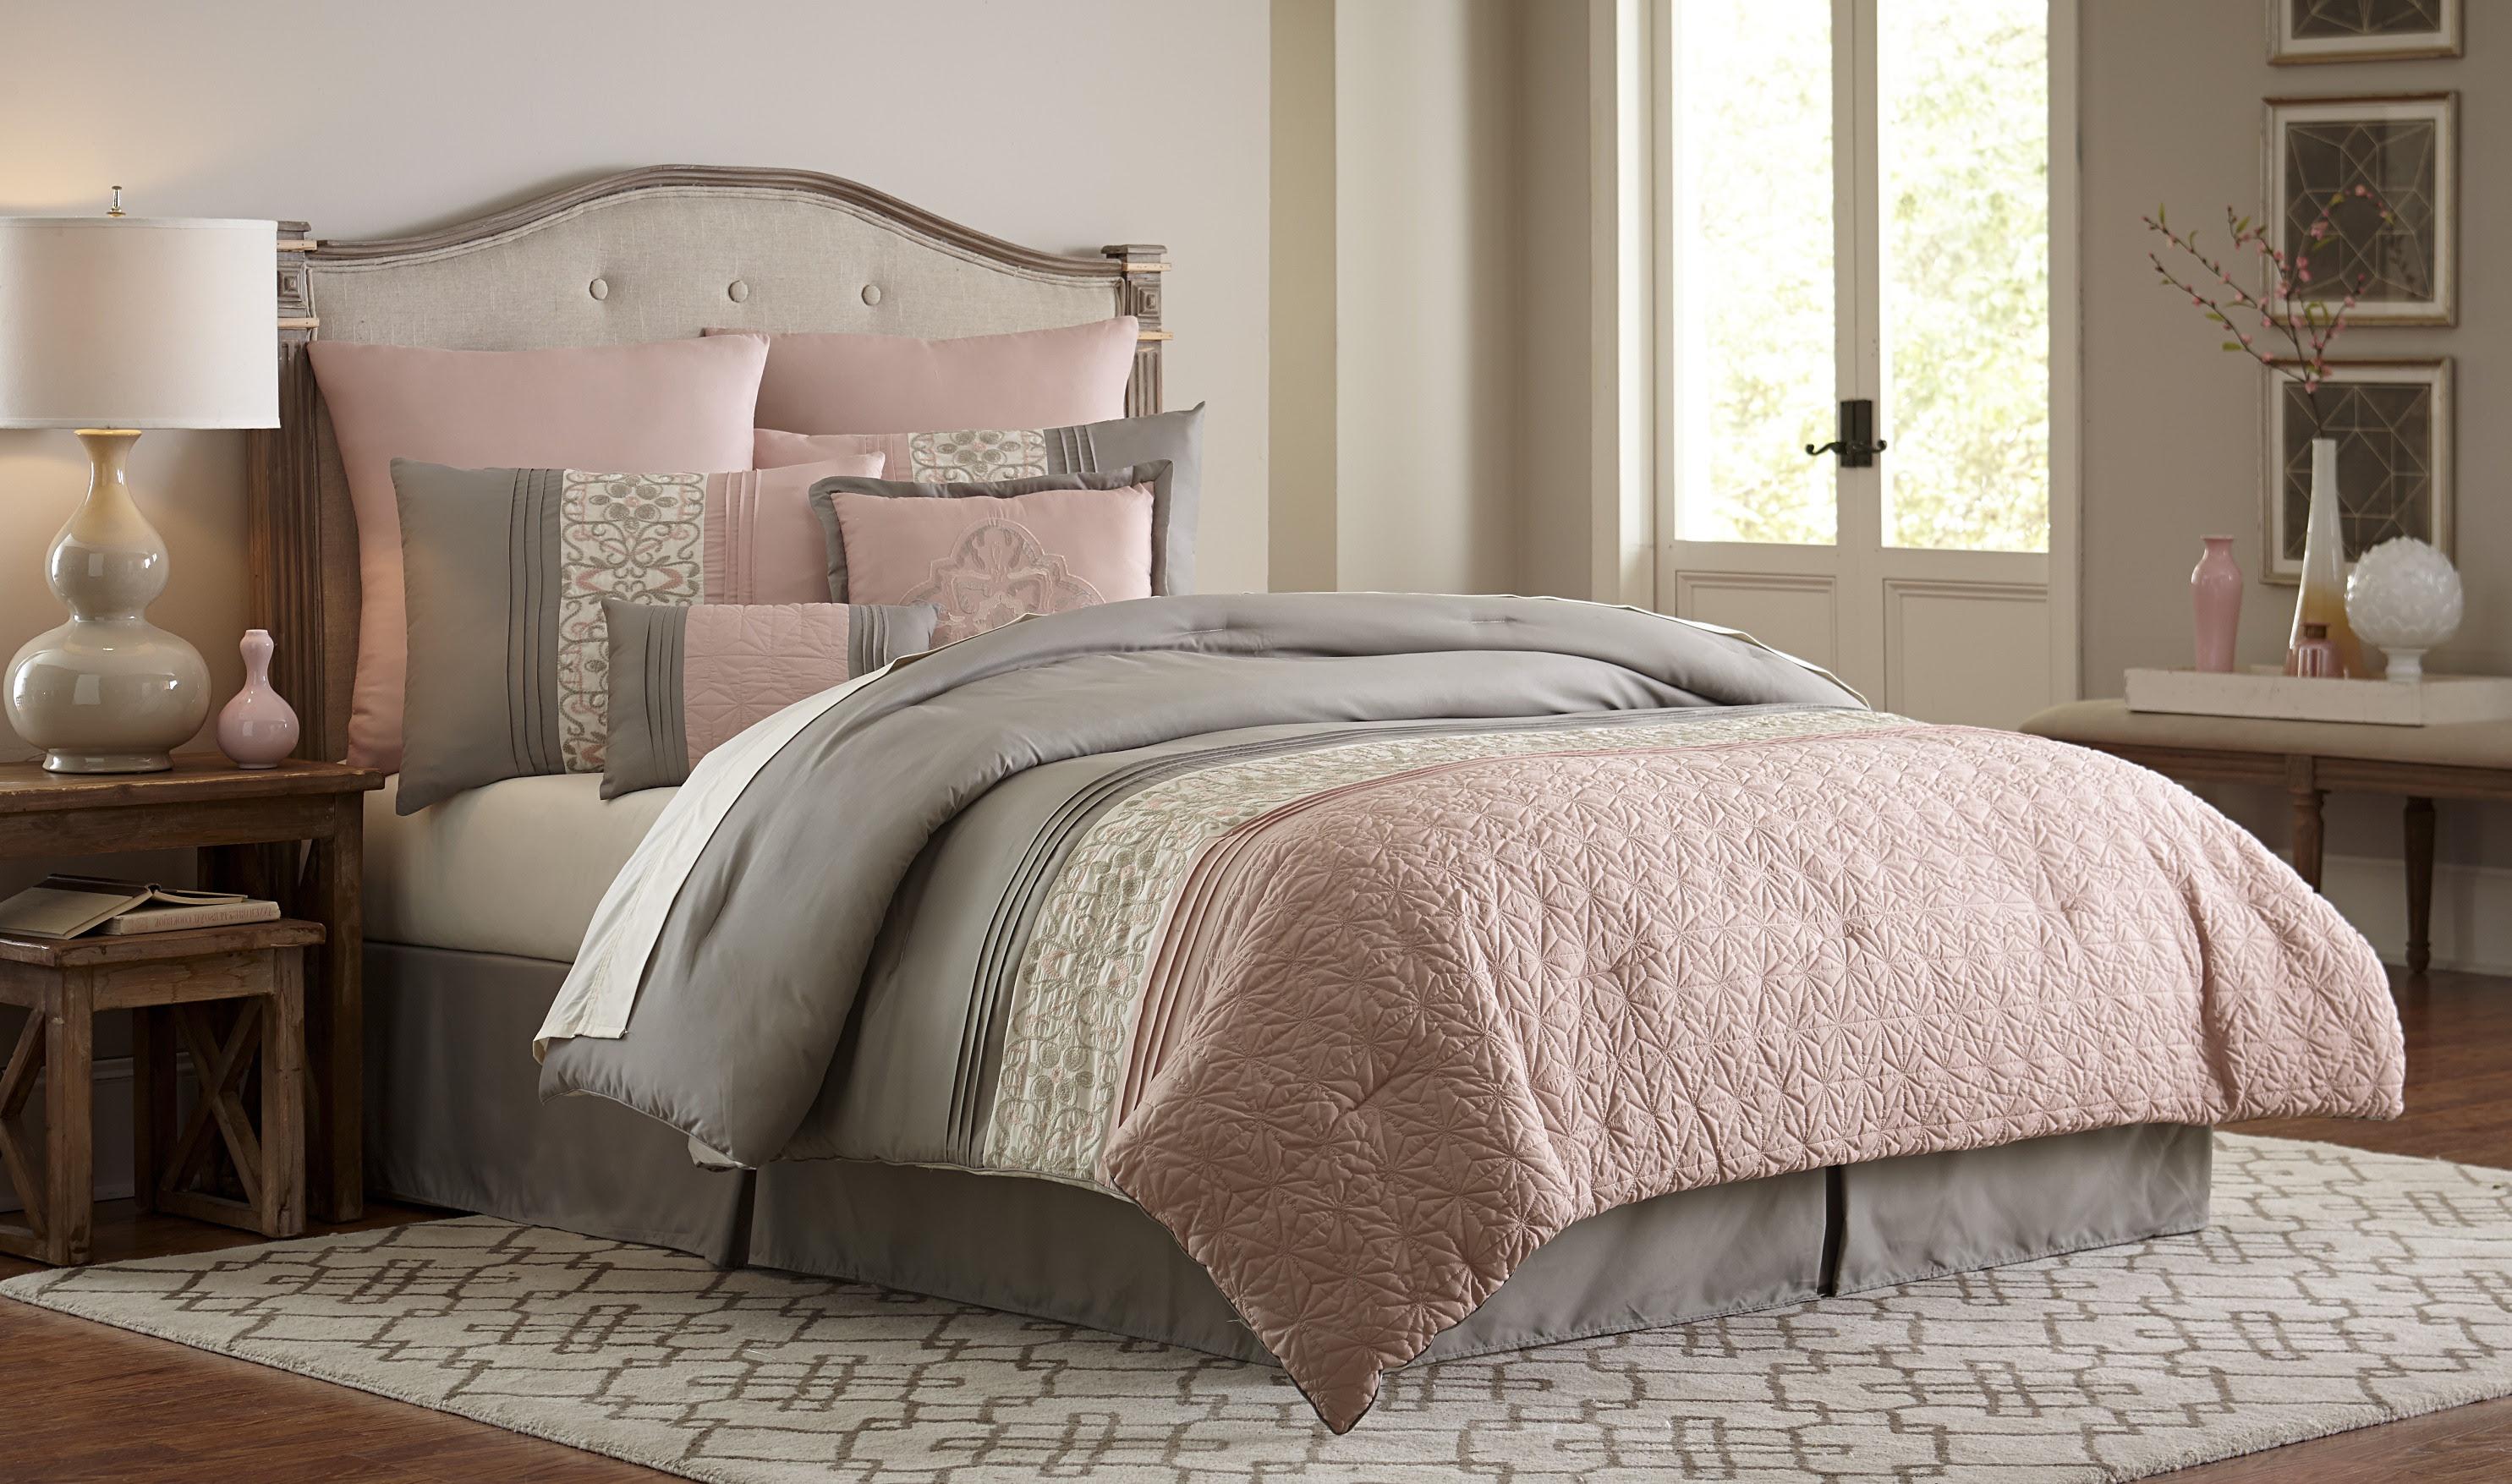 Essential Home 8-Piece Comforter Set - Blush Clover - Home ...